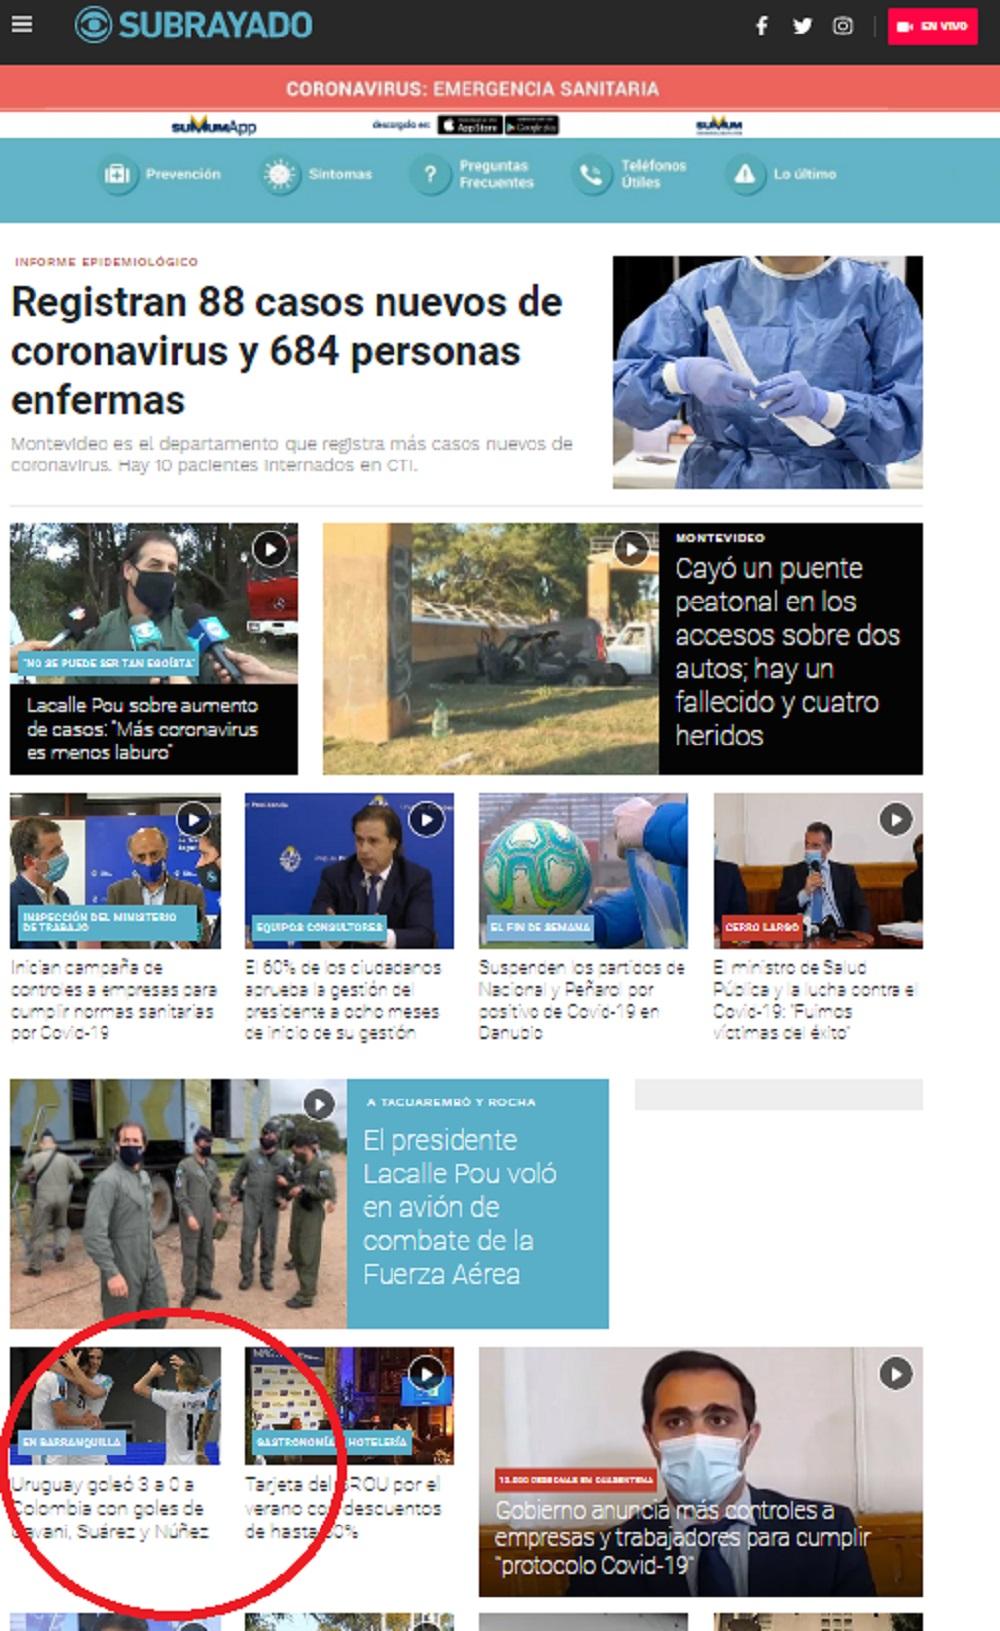 El medio televisivo Subrayado ni siquiera le dio mucha trascendencia al juego. Casi que ni apareció en la página principal / Captura de pantalla de subrayado.com.uy